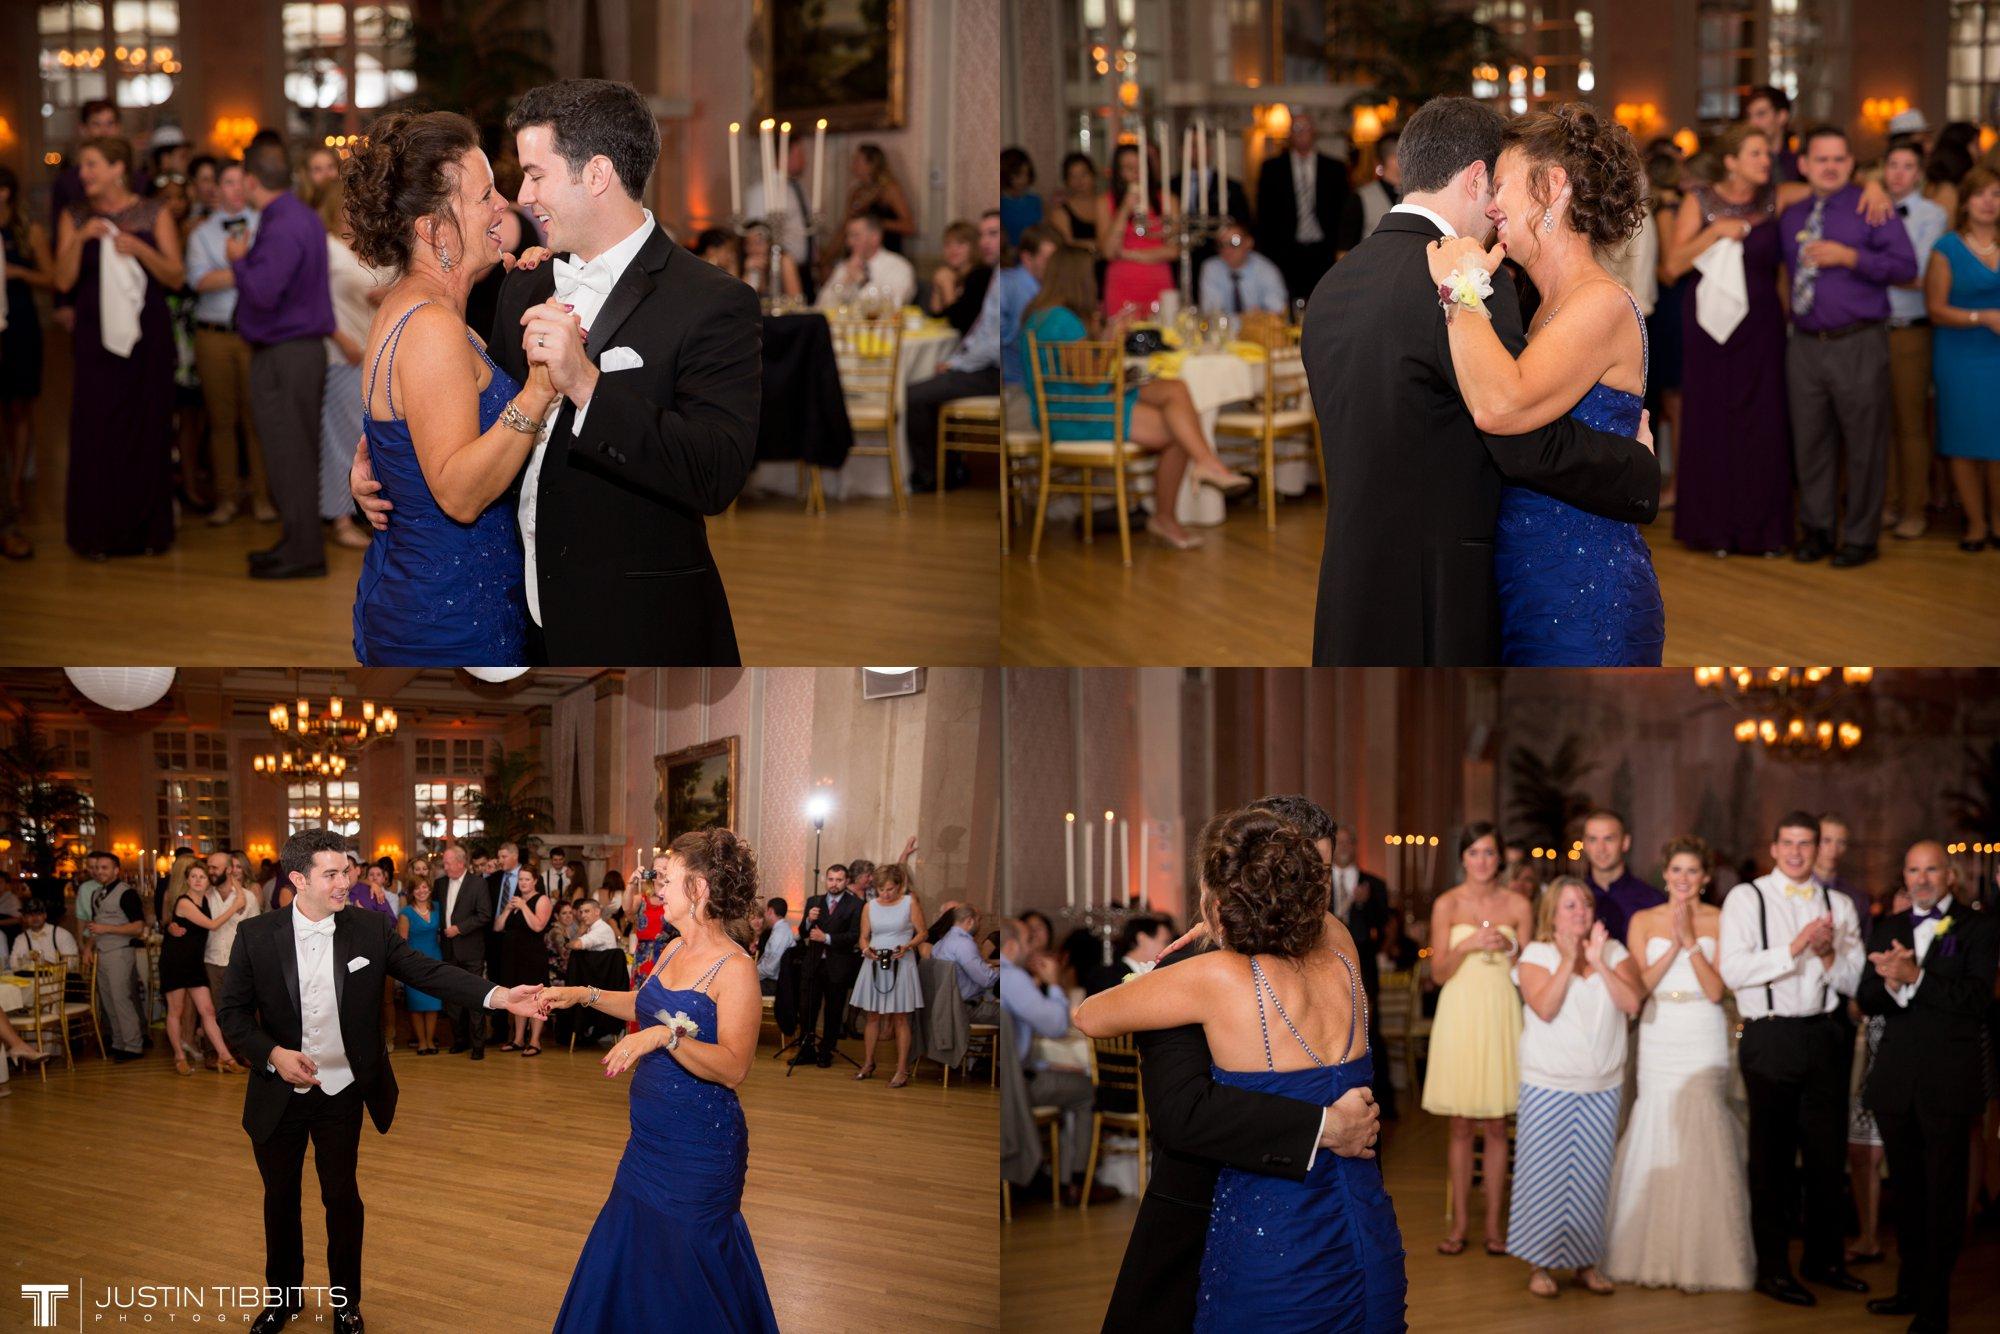 Albany NY Wedding Photographer Justin Tibbitts Photography Albany NY Best of Weddings25Albany NY Wedding Photographer Justin Tibbitts Photography Albany NY Best of Weddings12